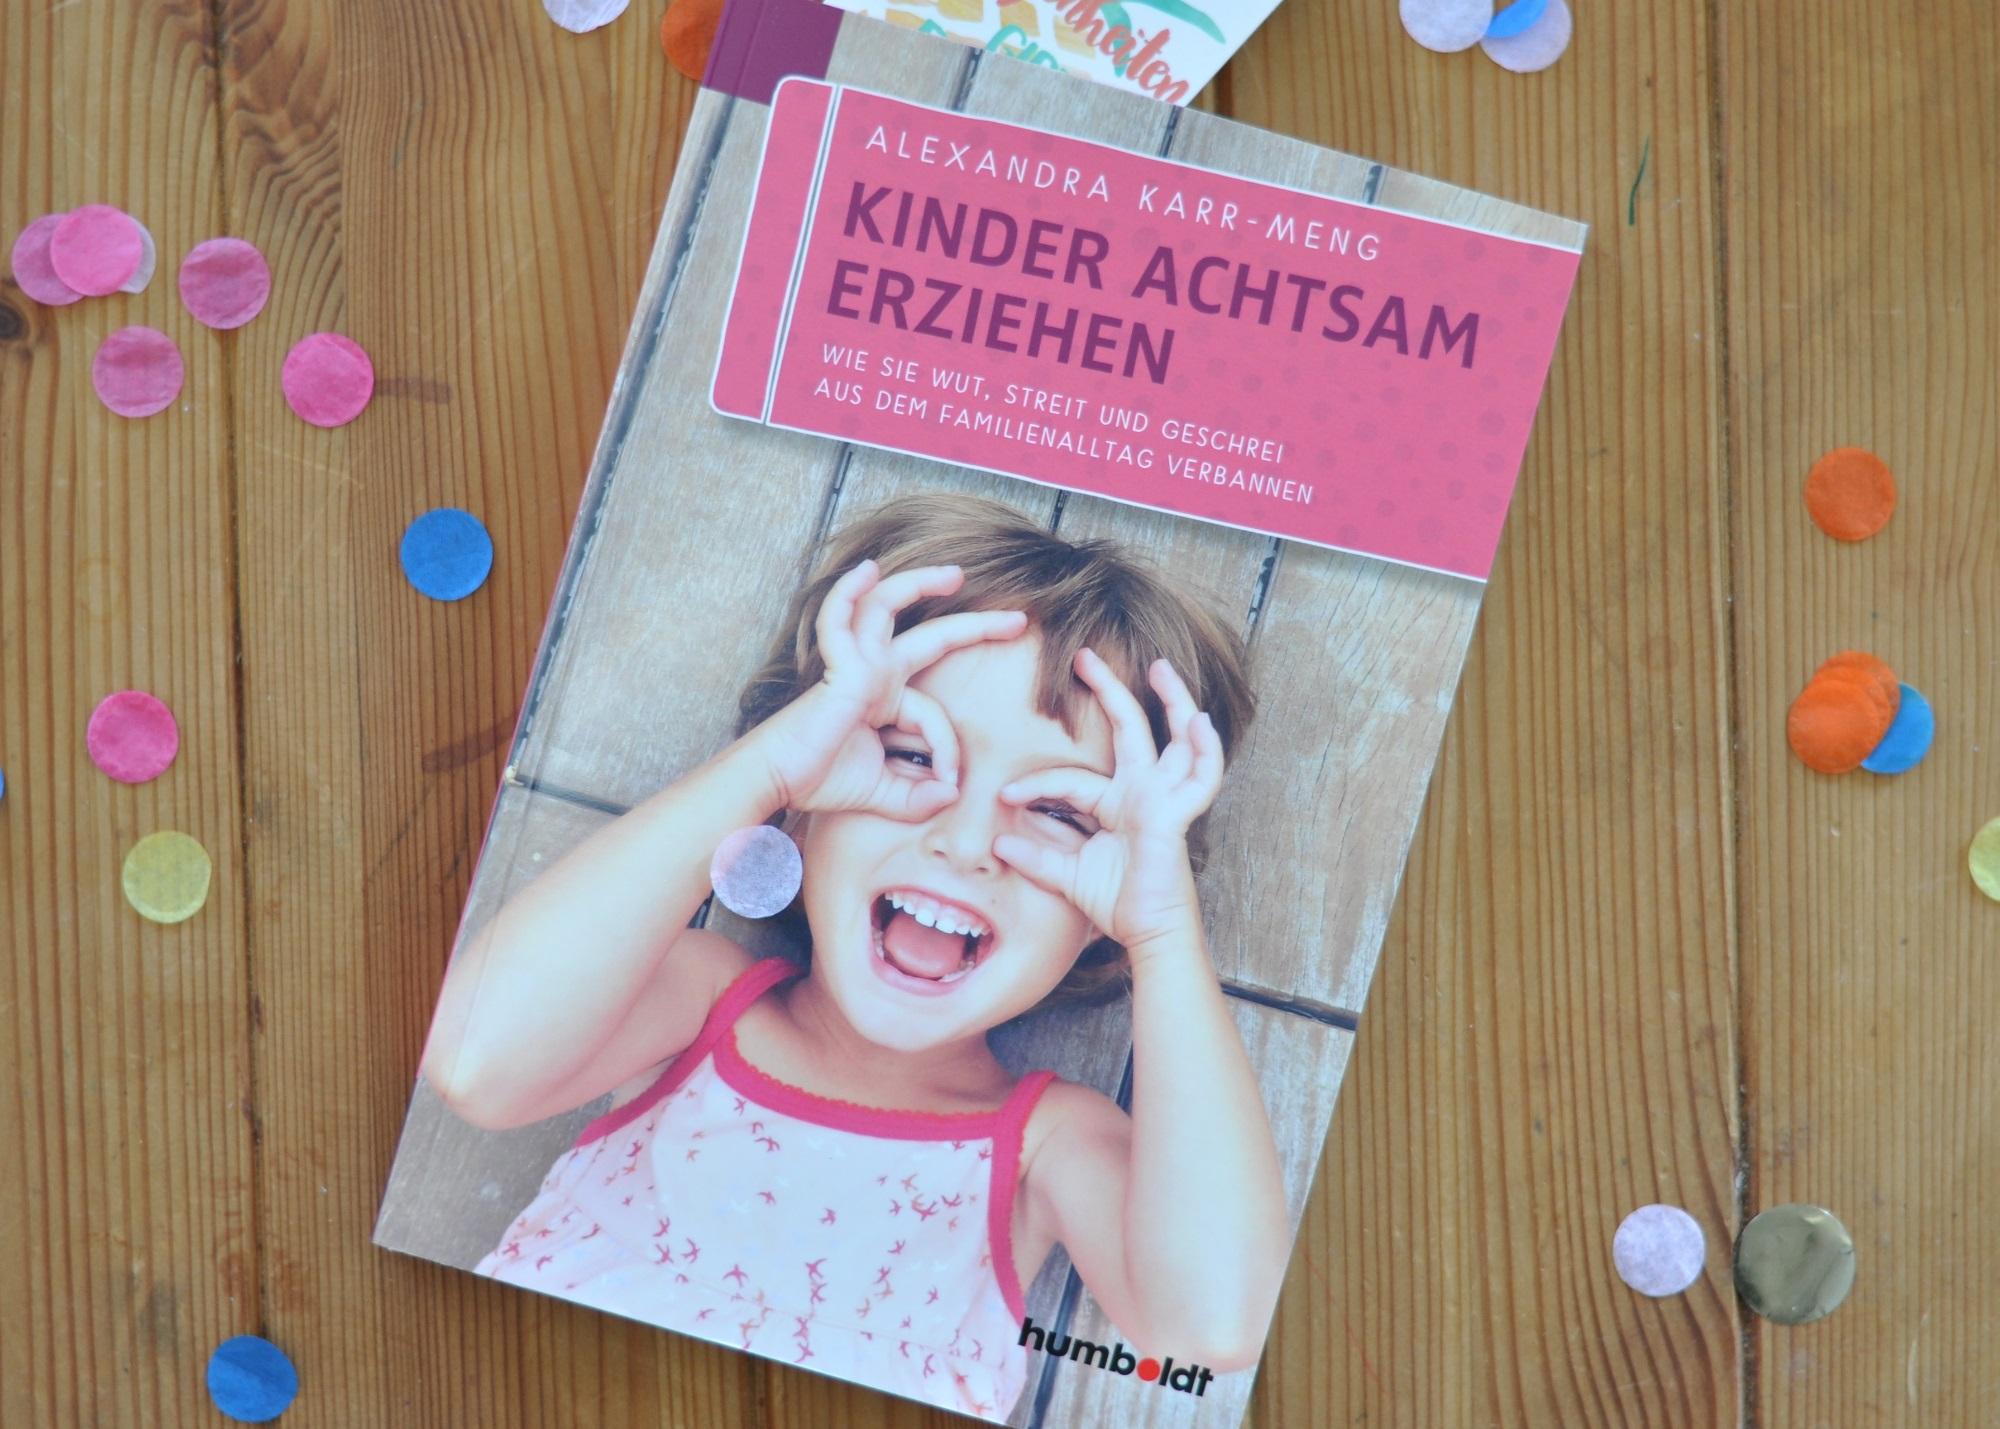 Kinder achtsam Erziehen - Wie Sie Wut, Streit und Geschrei aus dem Familienalltag verbannen #sachbuch #Eltern #Elternsein #Mutter #Achtsamkeit #Erziehung